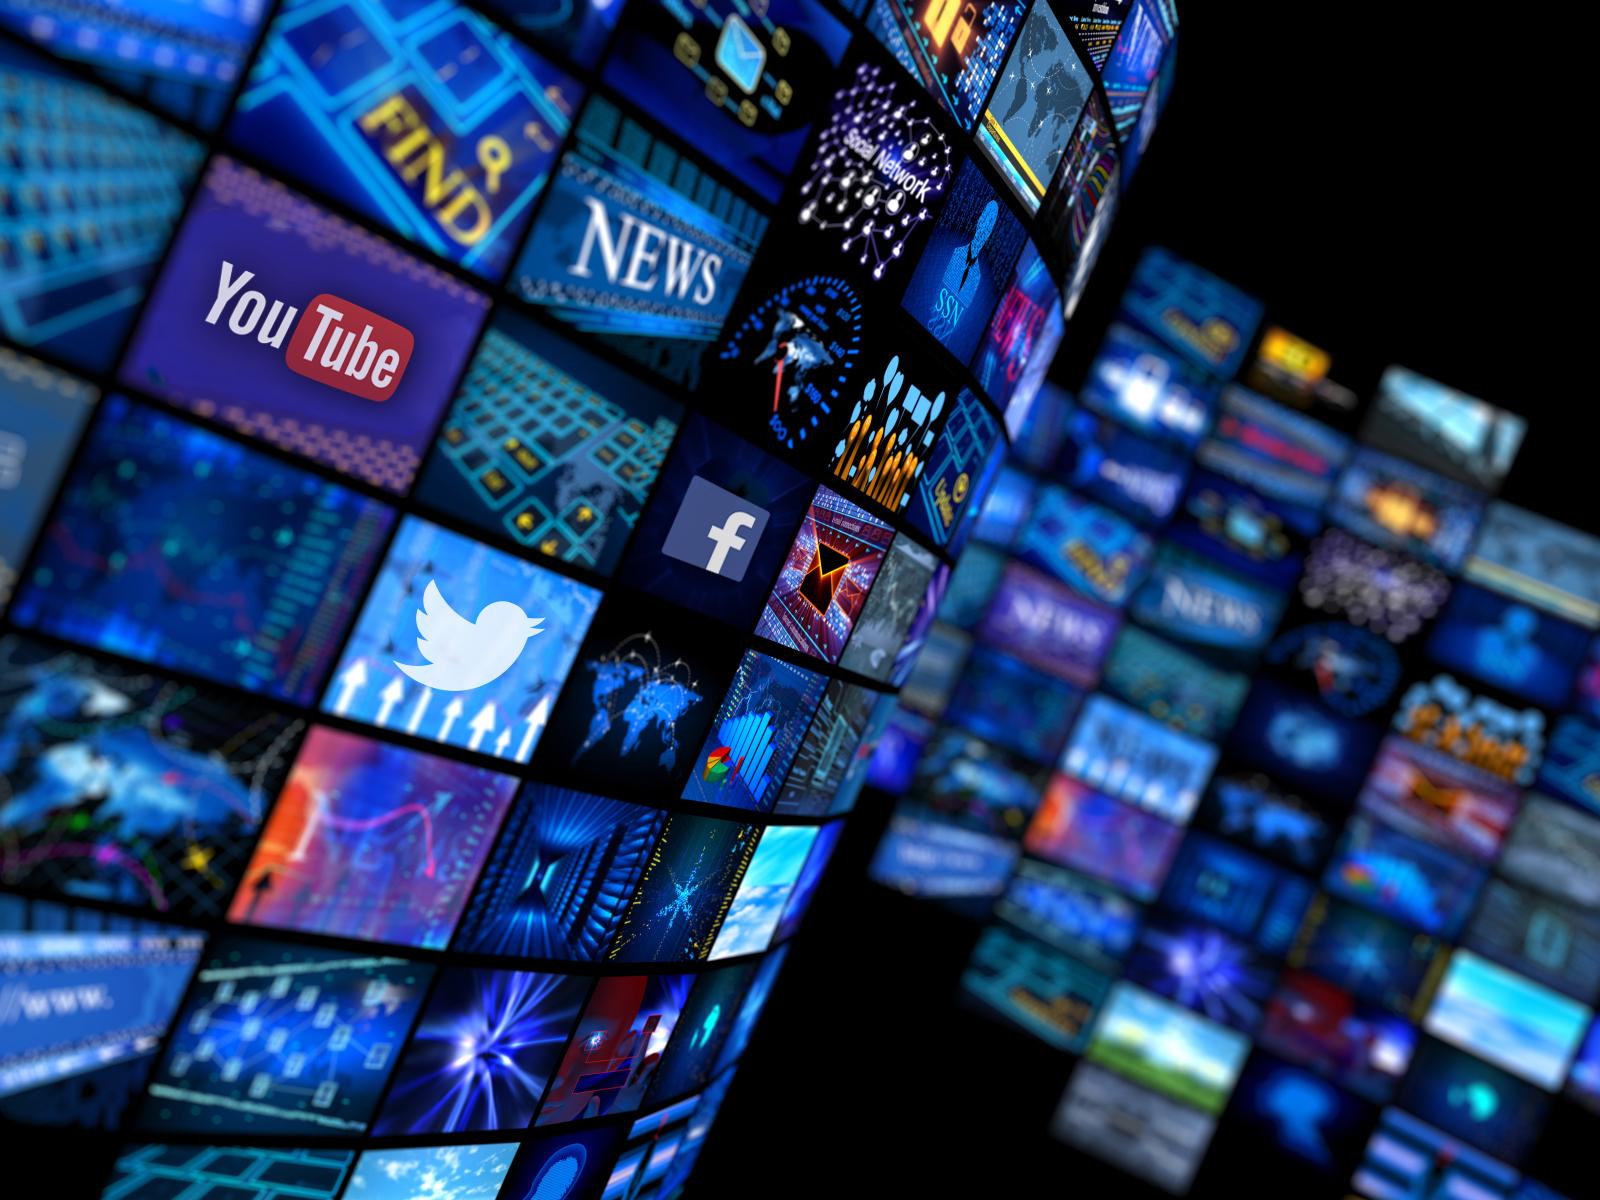 INTERNET, MEDIA, DATA, PRIVACY, -